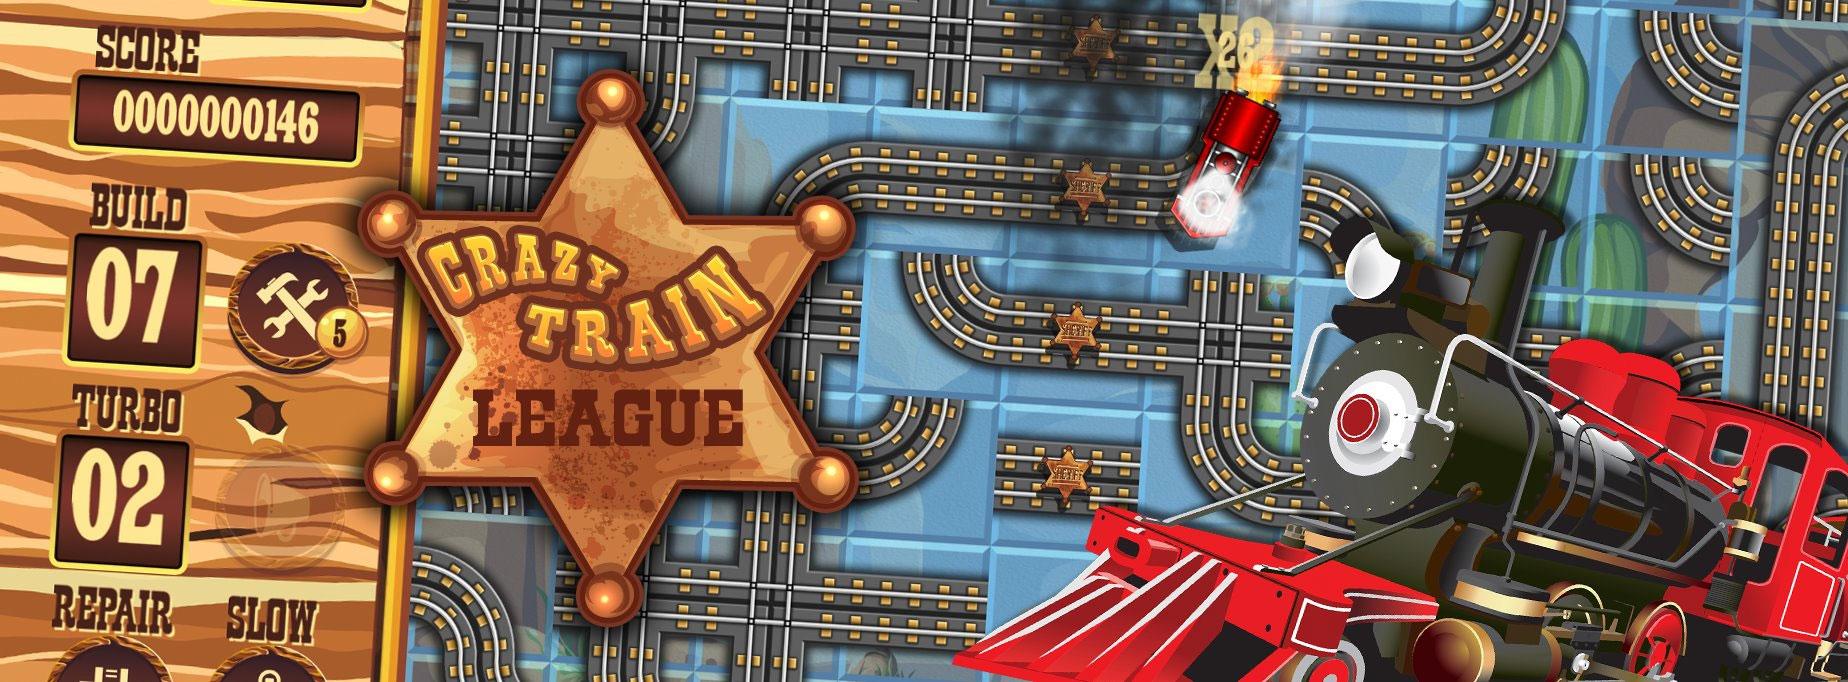 crazy train league puzzle